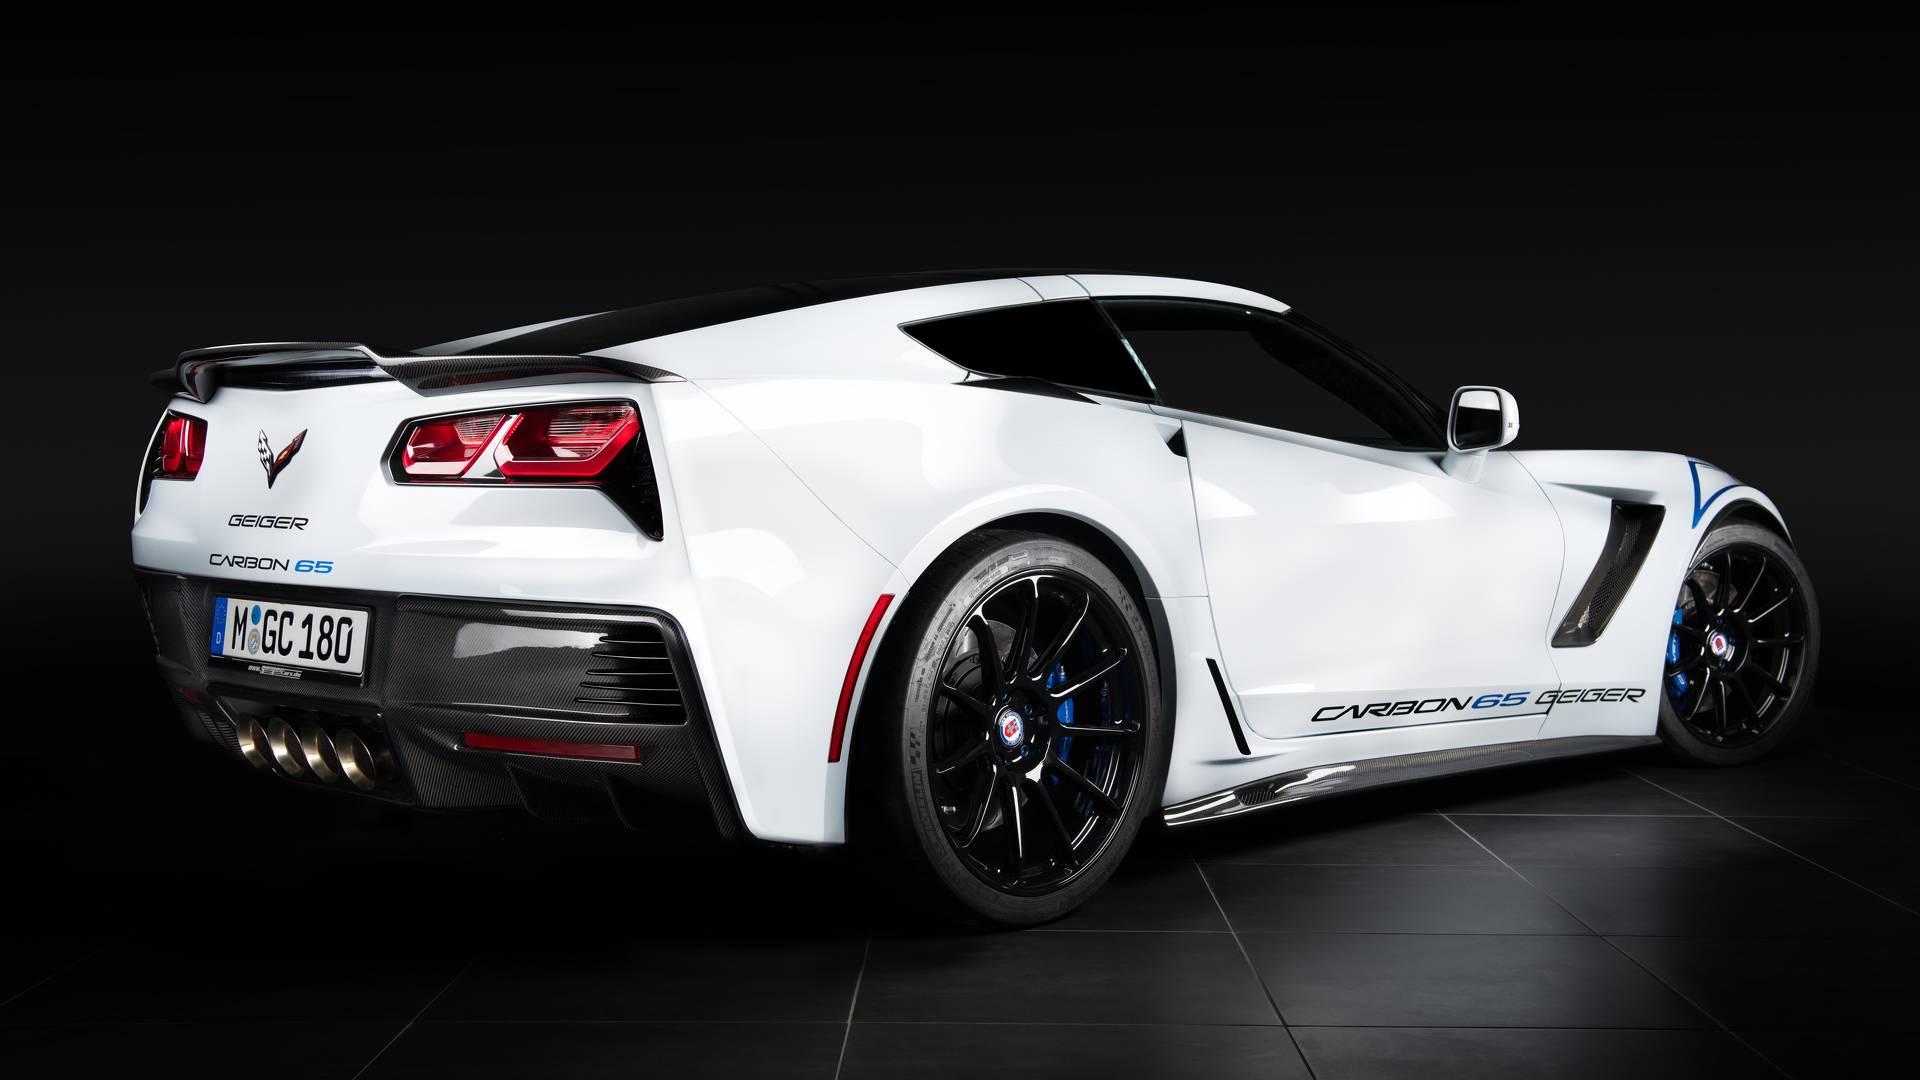 geiger-cars-chevy-corvette-carbon-65-edition (3)